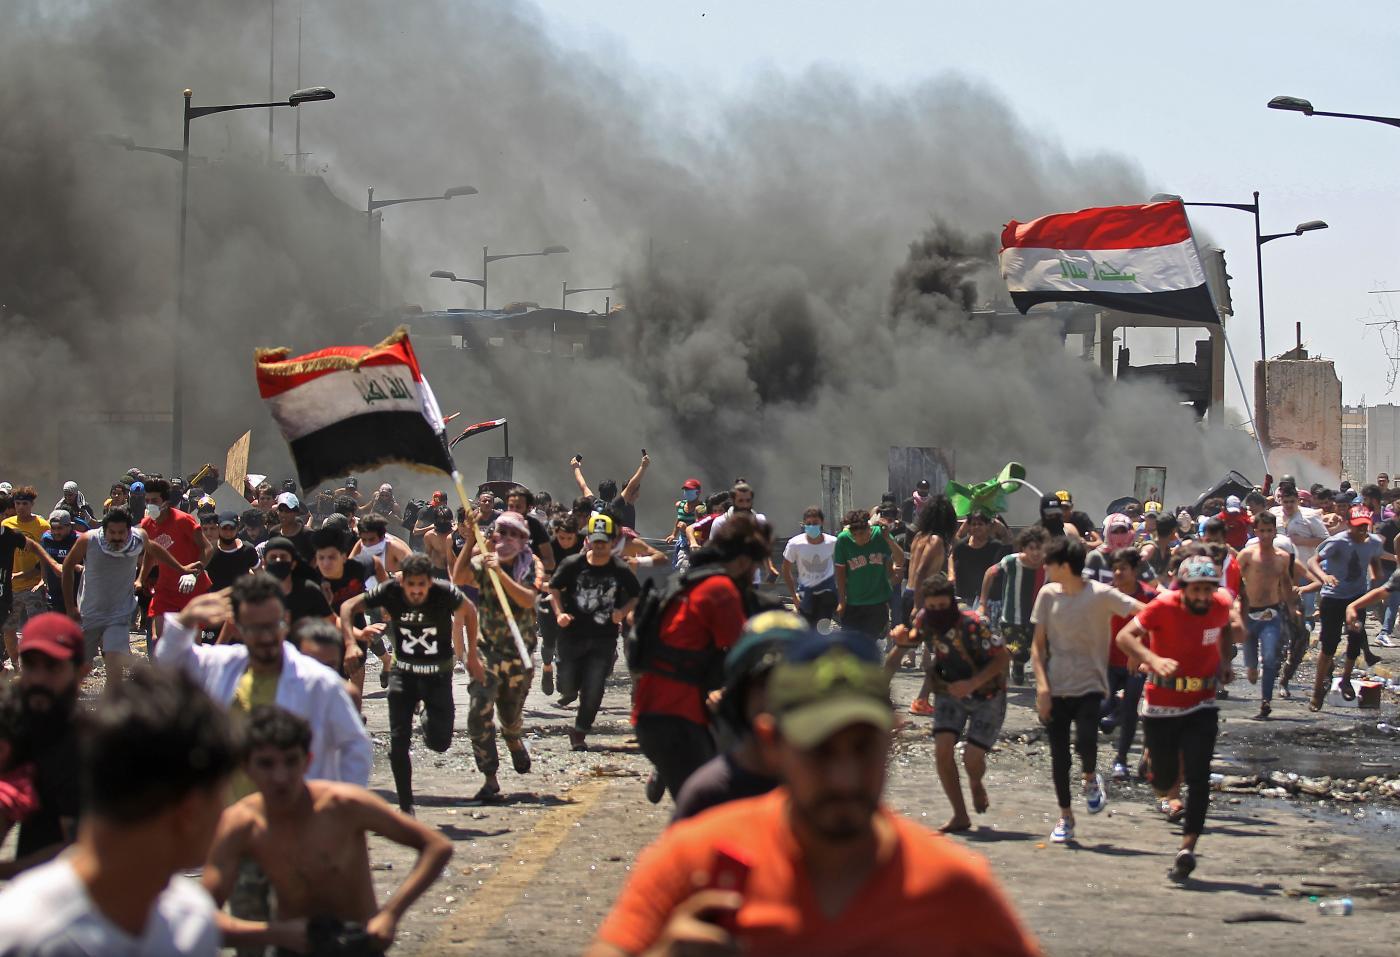 Protestors warn new Iraq govt of demonstrations if their demands for fresh polls aren't met